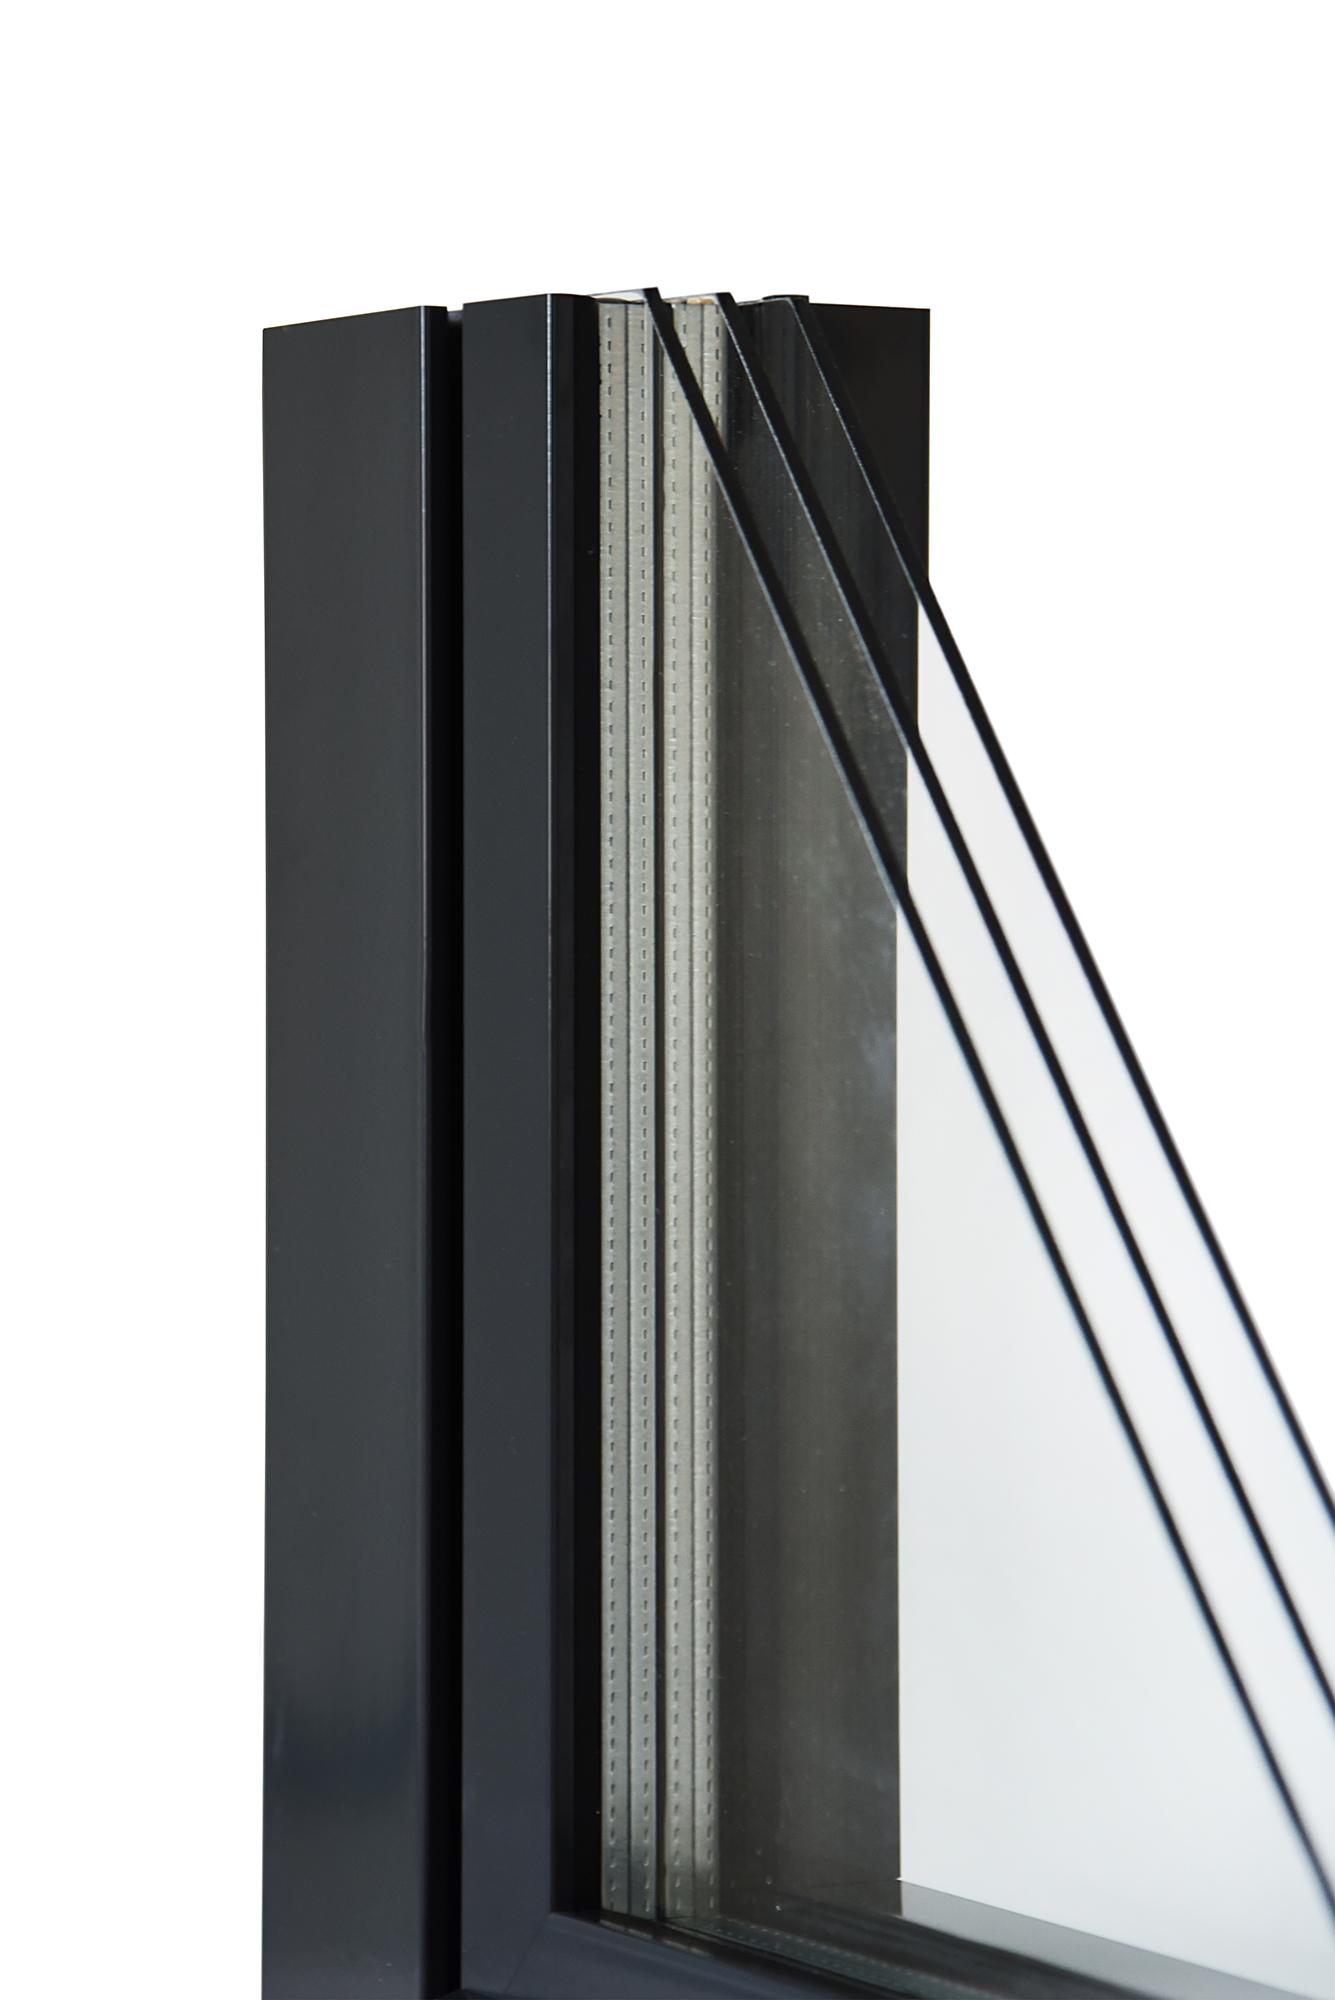 Full Size of Drutex Fenster Polen Erfahrungen Erfahrung Test Einstellen Justieren Aluminiumfenster Drutealu Mb 70 Ral7016 Anthrazitgrau Einbruchschutz Schüko Fenster Drutex Fenster